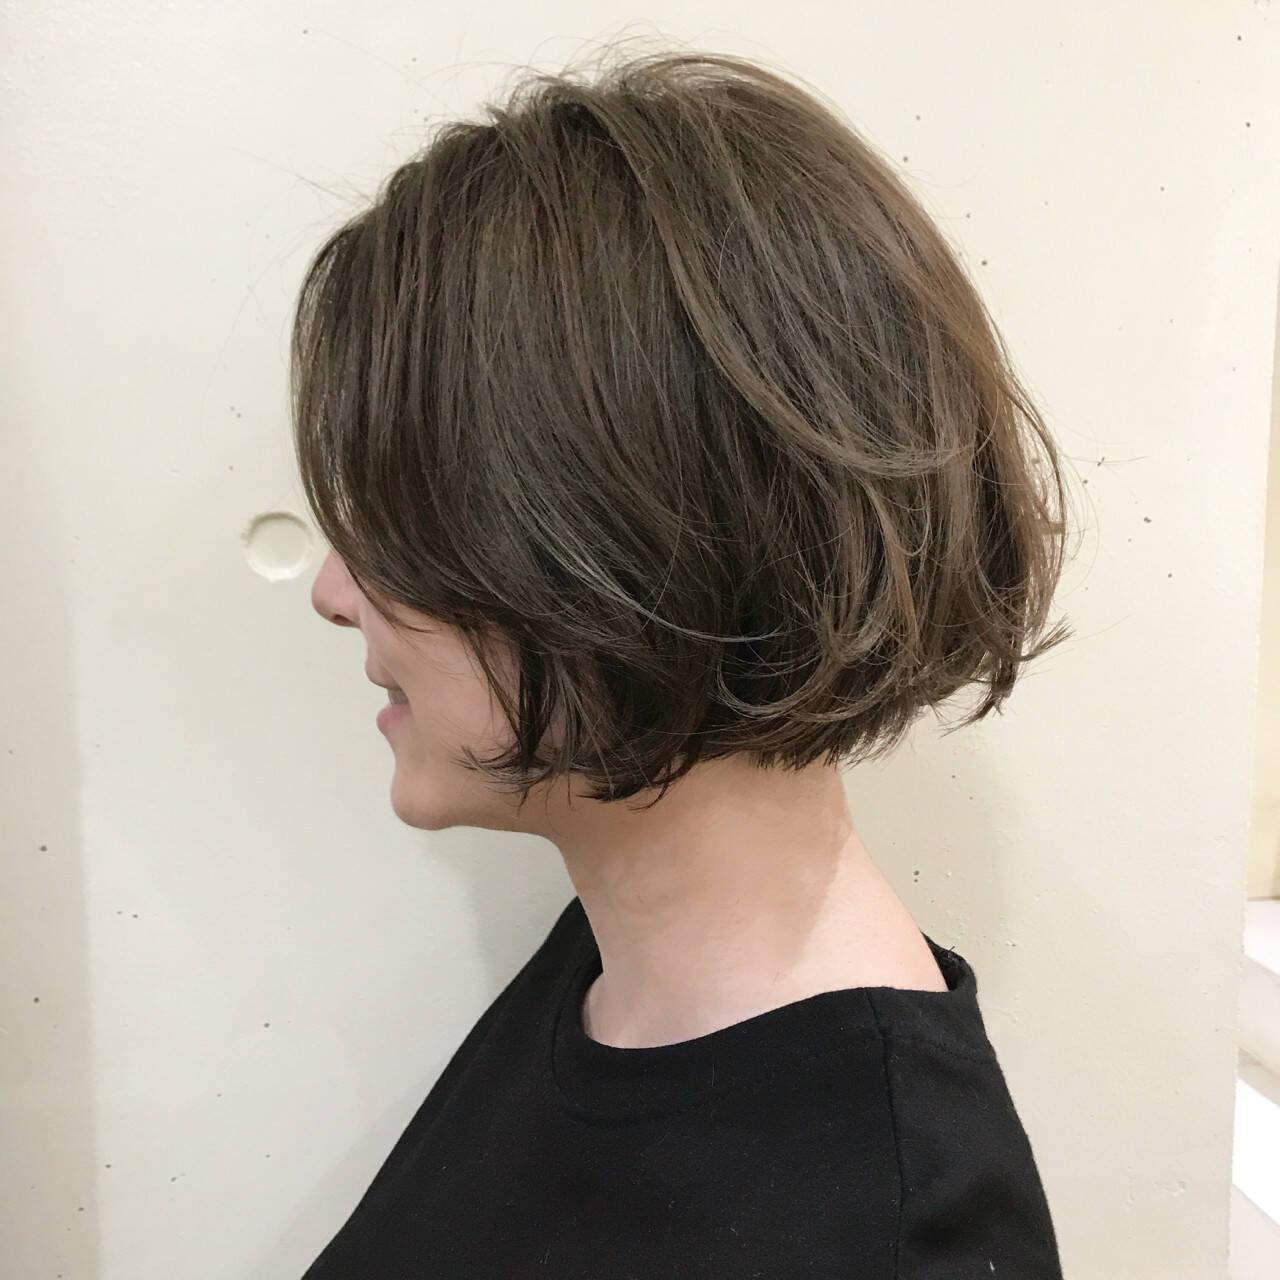 ハイライト アッシュベージュ かっこいい ボブヘアスタイルや髪型の写真・画像